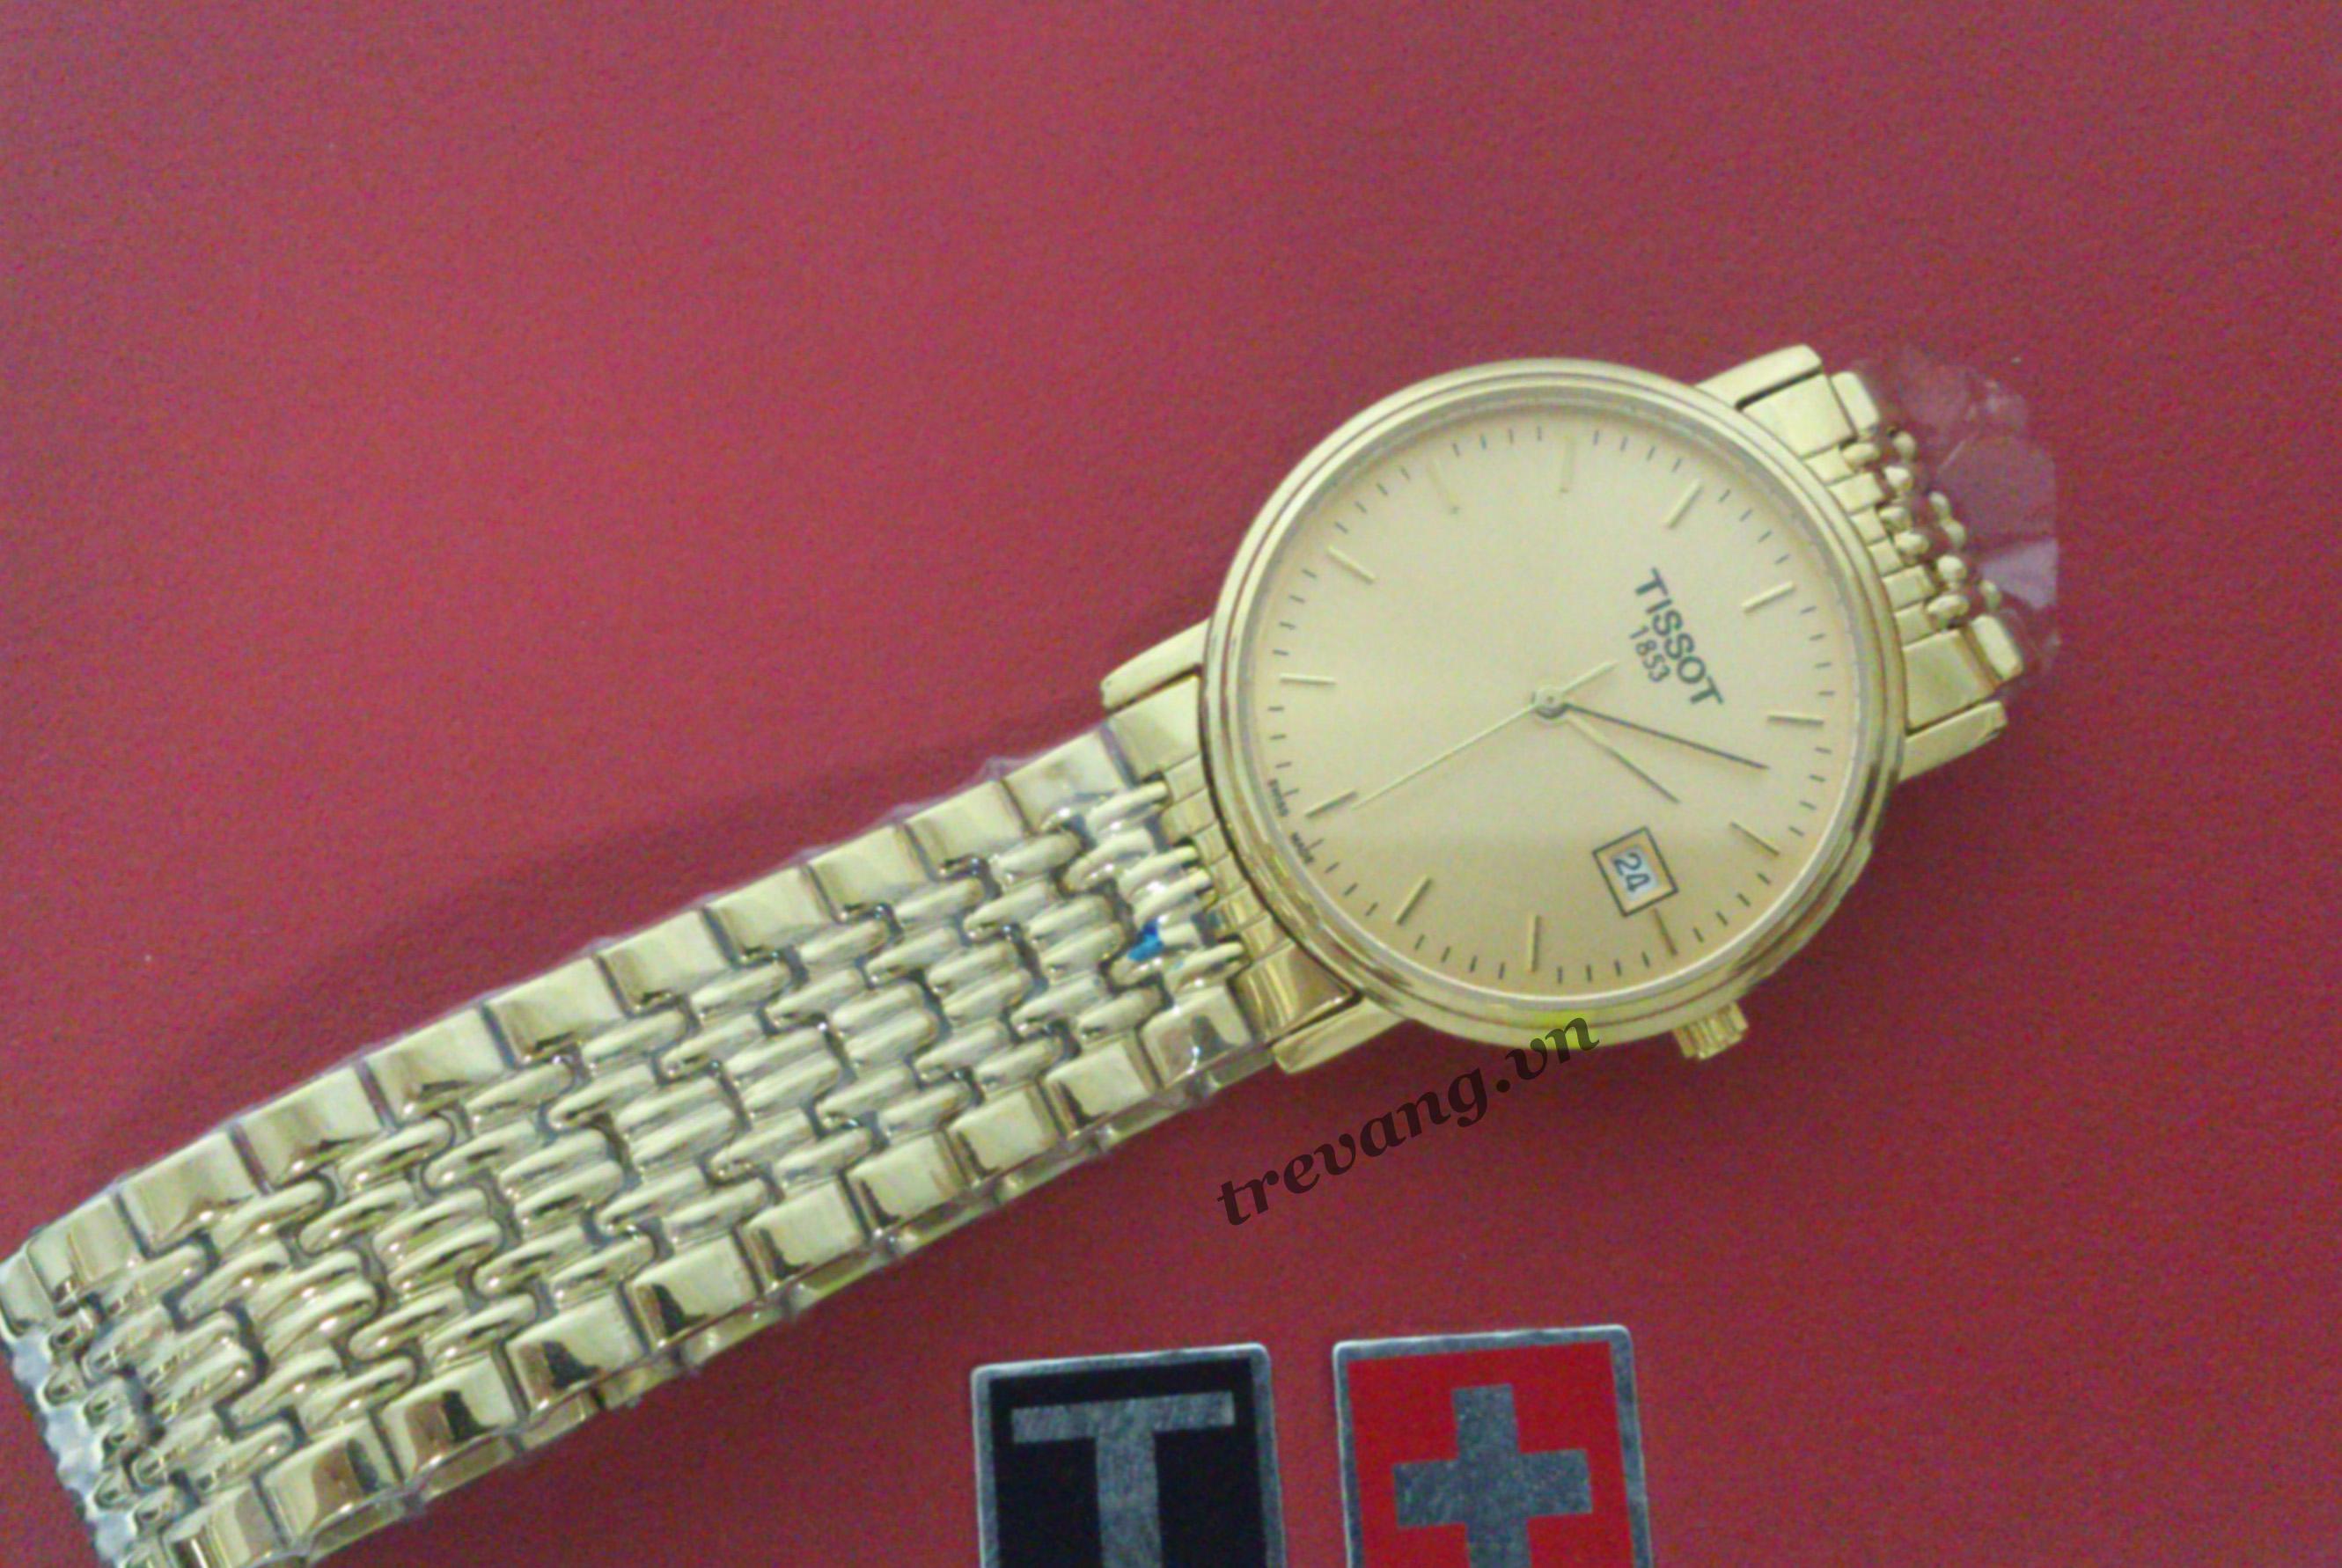 Đồng hồ nữ Tissot 1853 T52.5.281.21 mạ vàng 18k vaf box